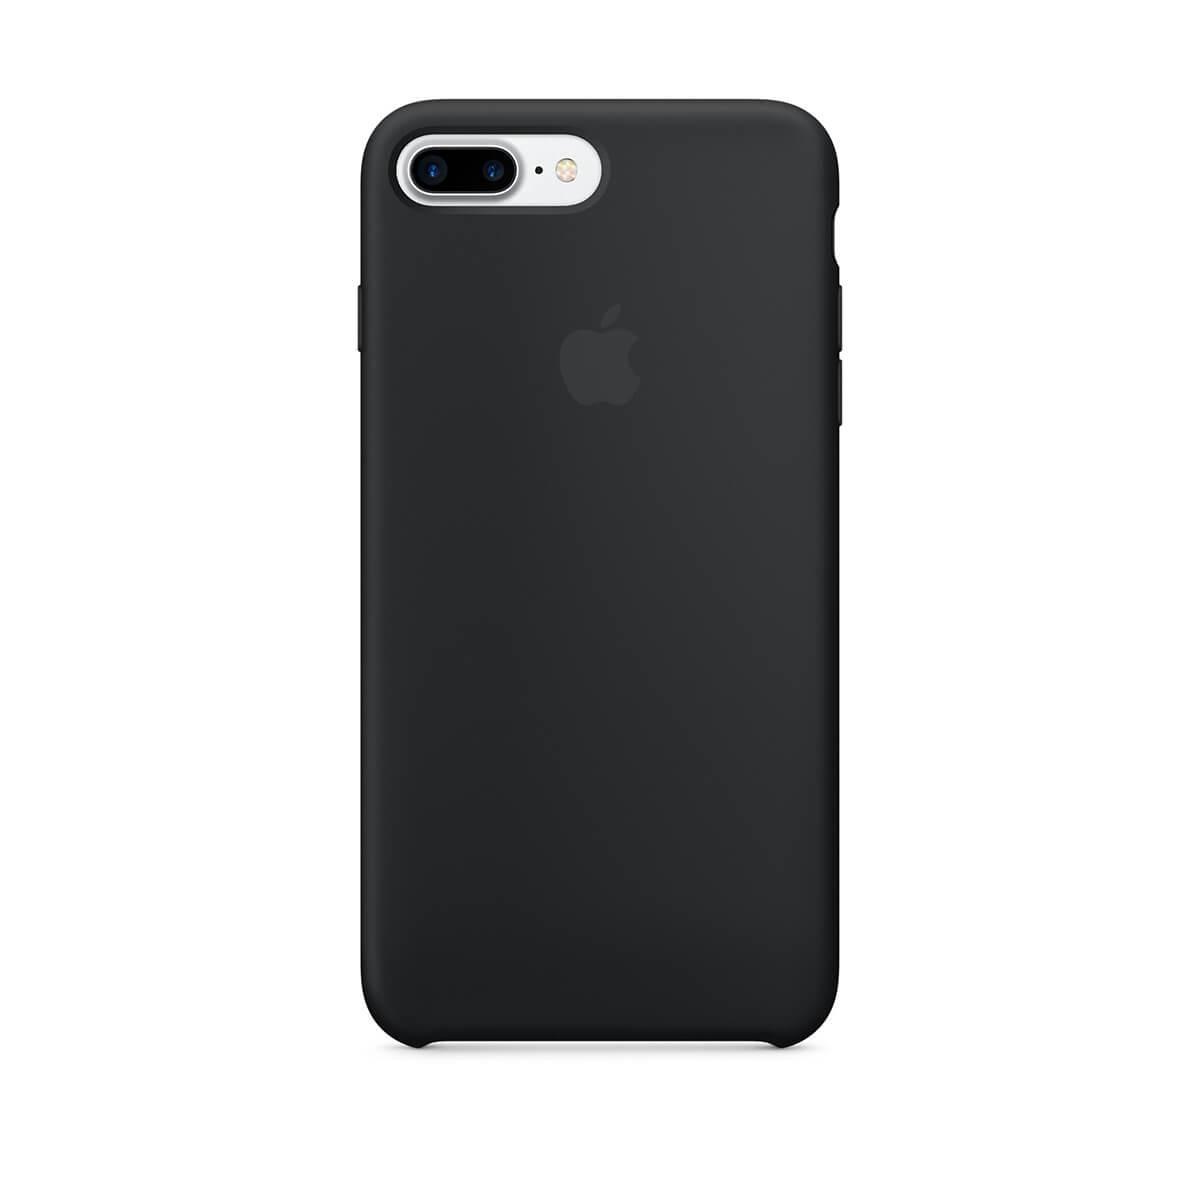 Silikonový kryt na iPhone 7 Plus – černý mmqr2zm/a